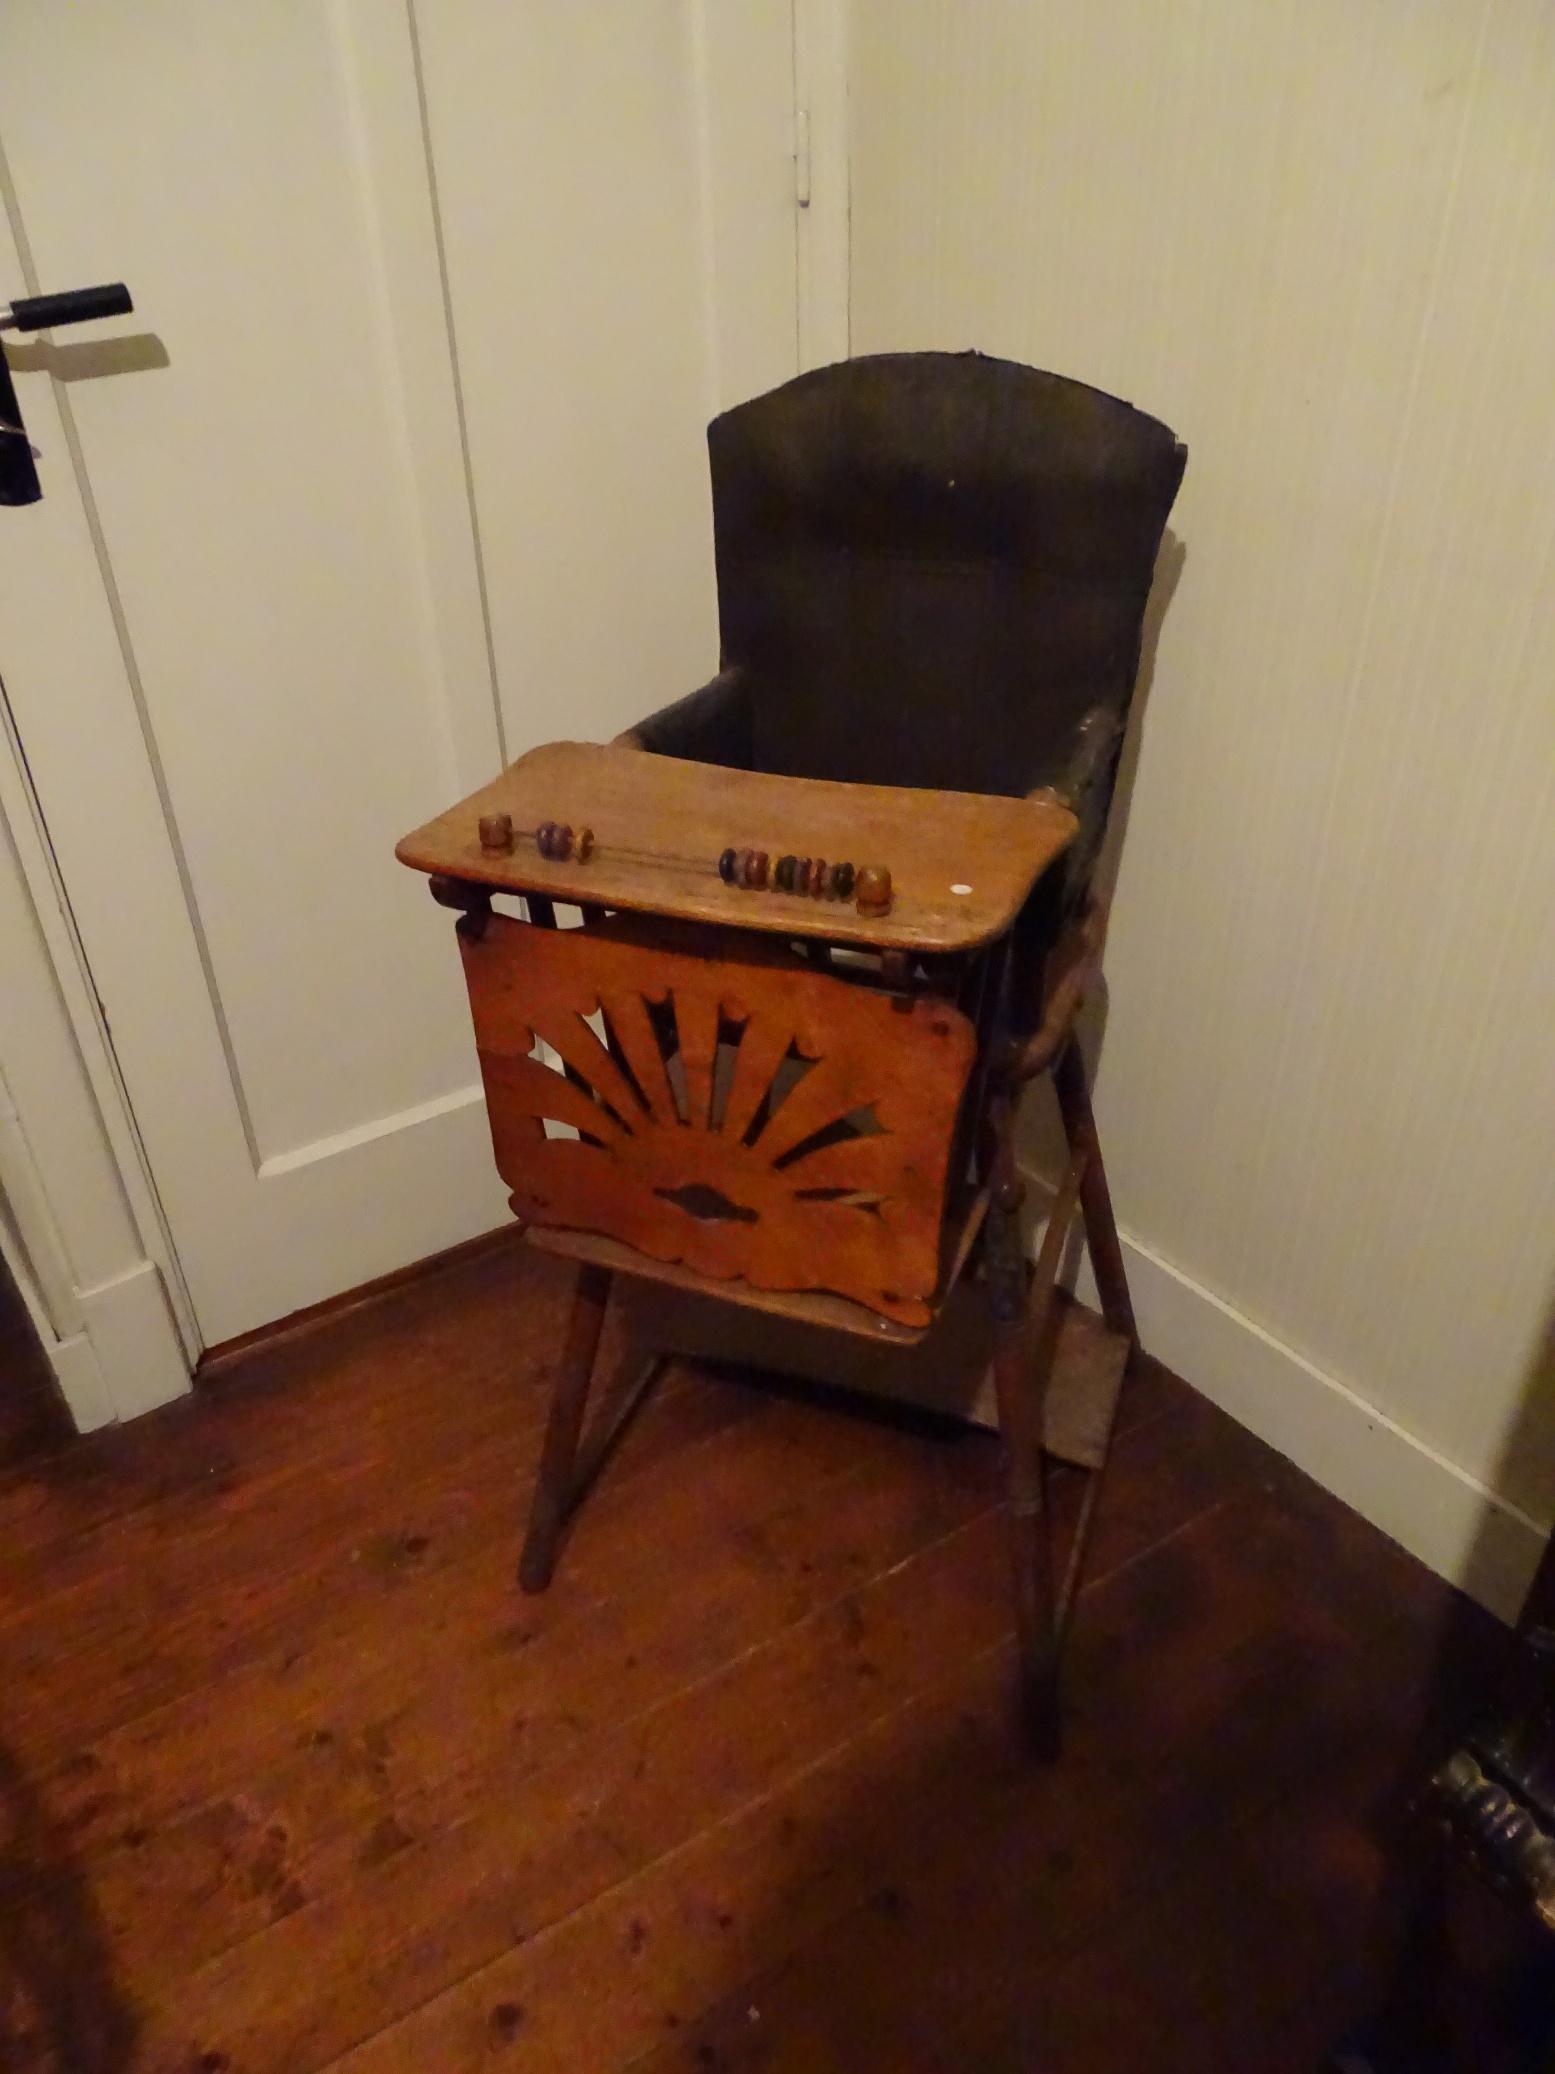 Ouderwetse Houten Kinderstoel.Oude Houten Kinderstoel Po Stoel Kinderstoeltje Brocante De